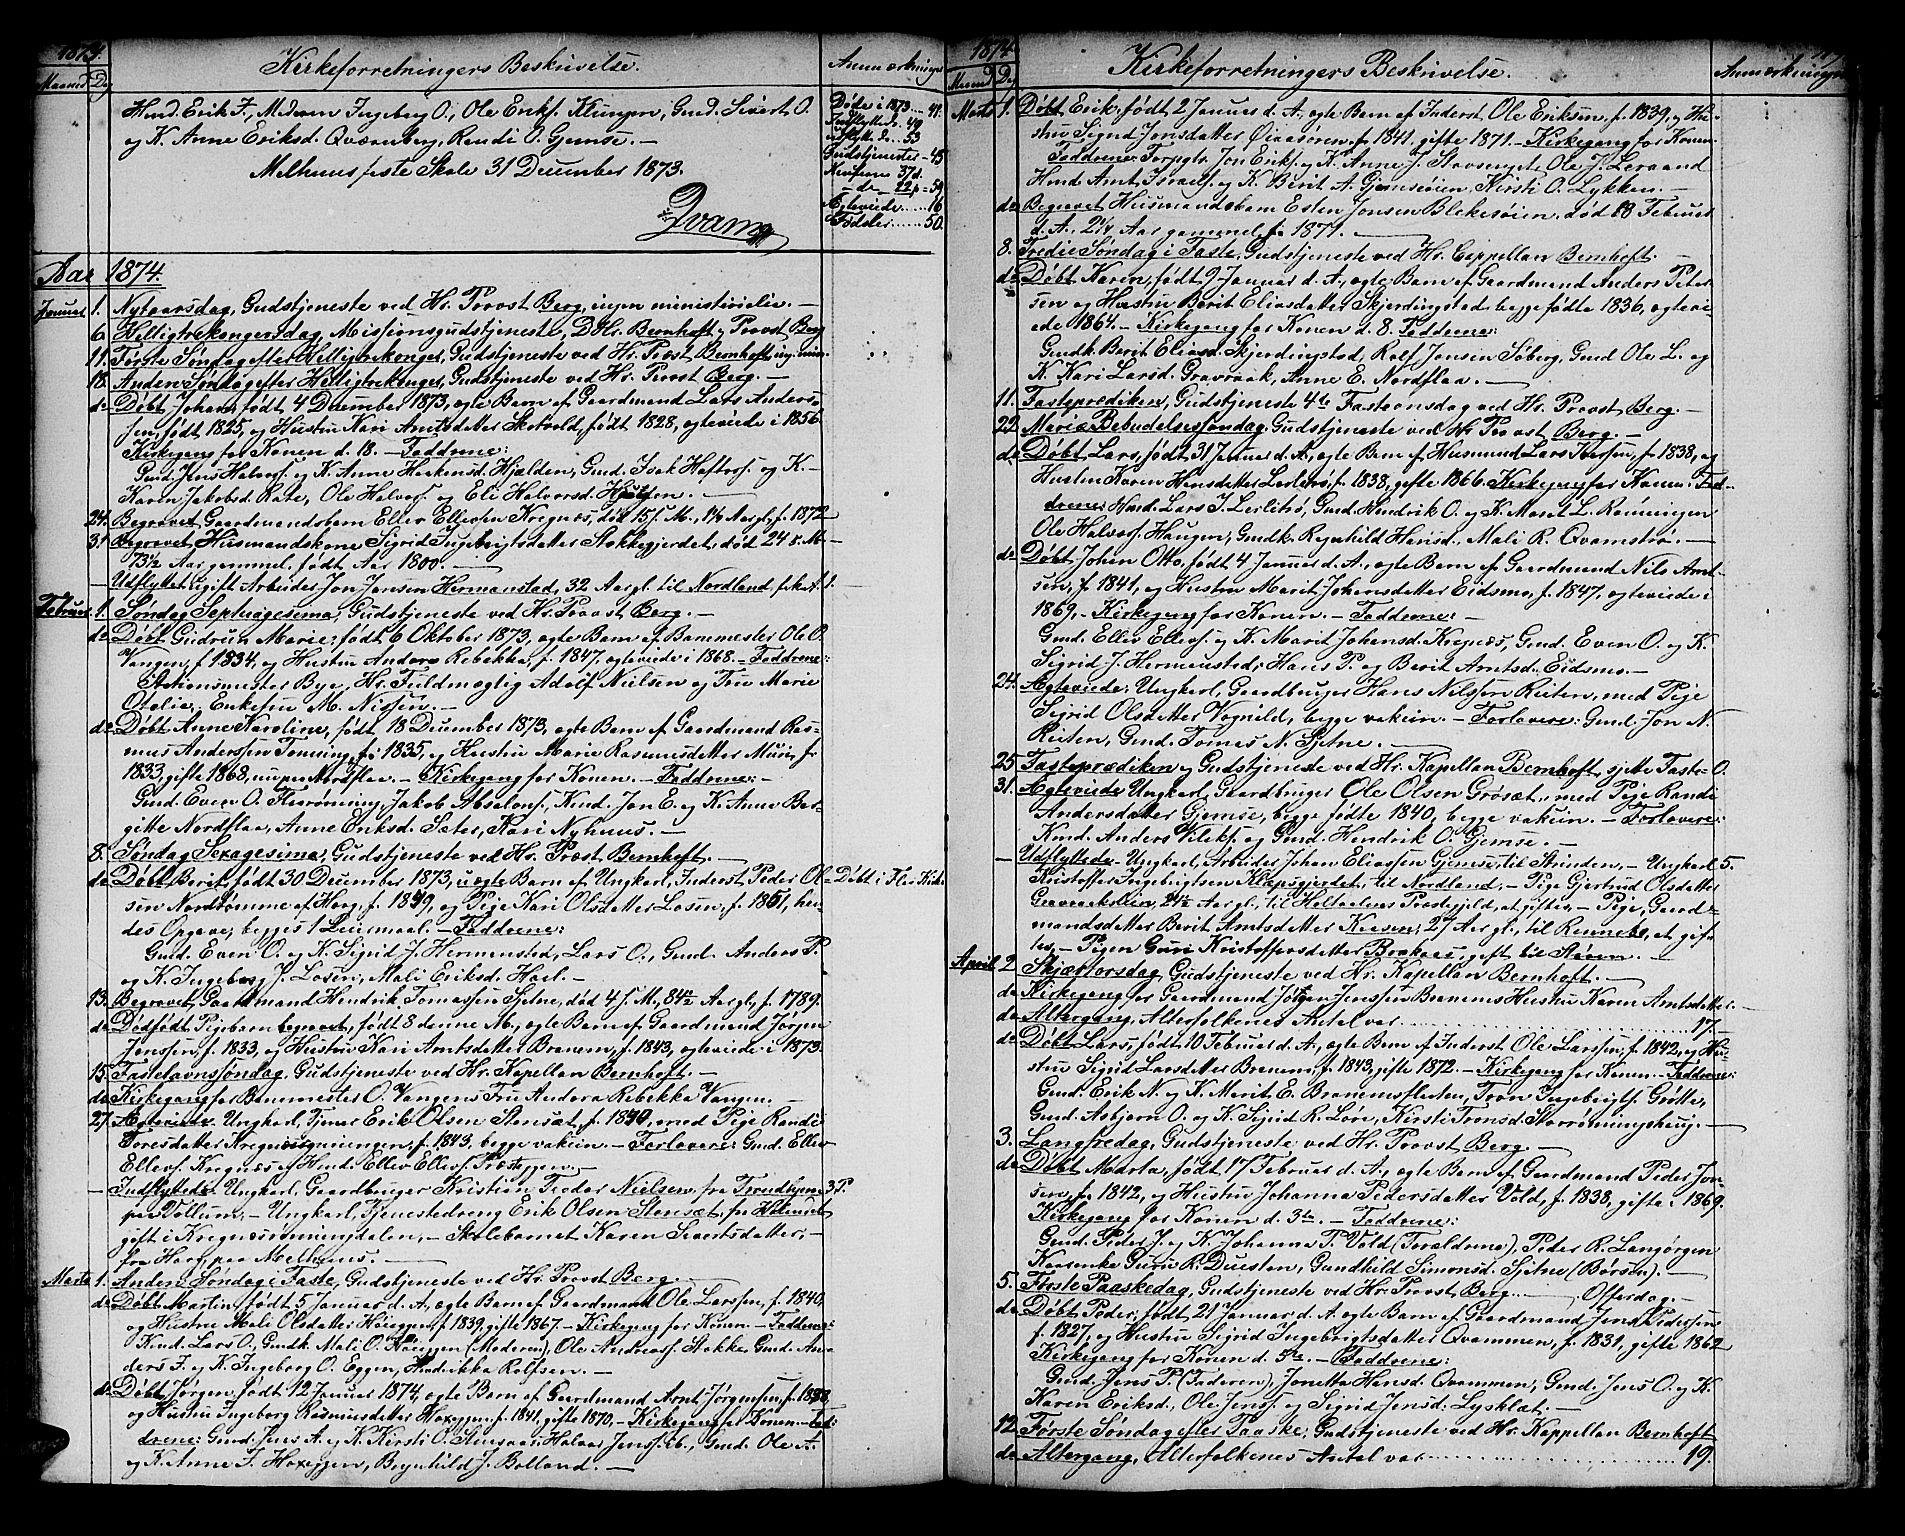 SAT, Ministerialprotokoller, klokkerbøker og fødselsregistre - Sør-Trøndelag, 691/L1093: Klokkerbok nr. 691C04, 1852-1879, s. 119